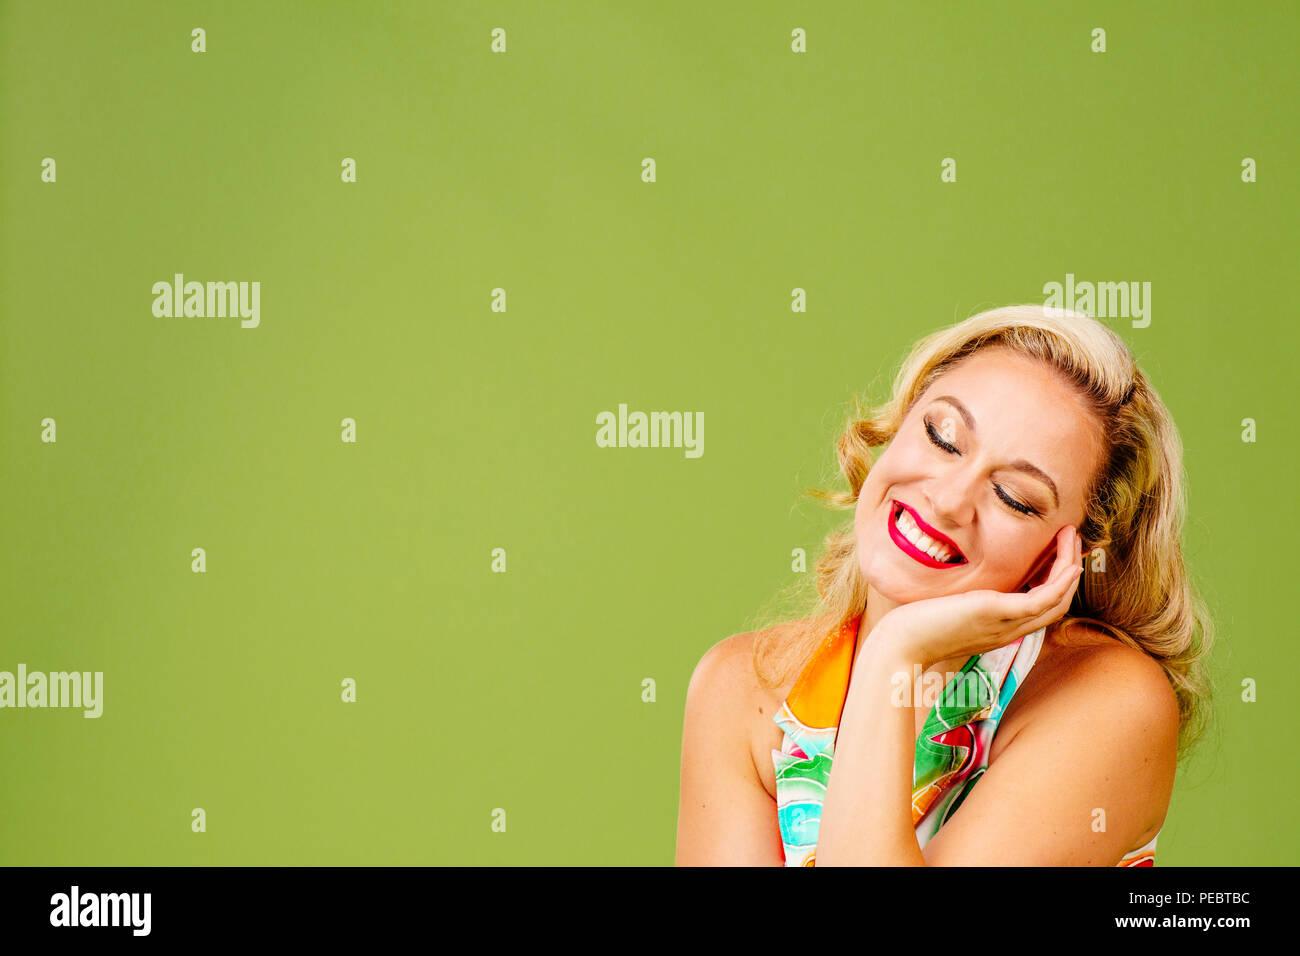 Glücklich lächelnde blonde Frau mit geschlossenen Augen, auf grünen studio Hintergrund isoliert Stockbild